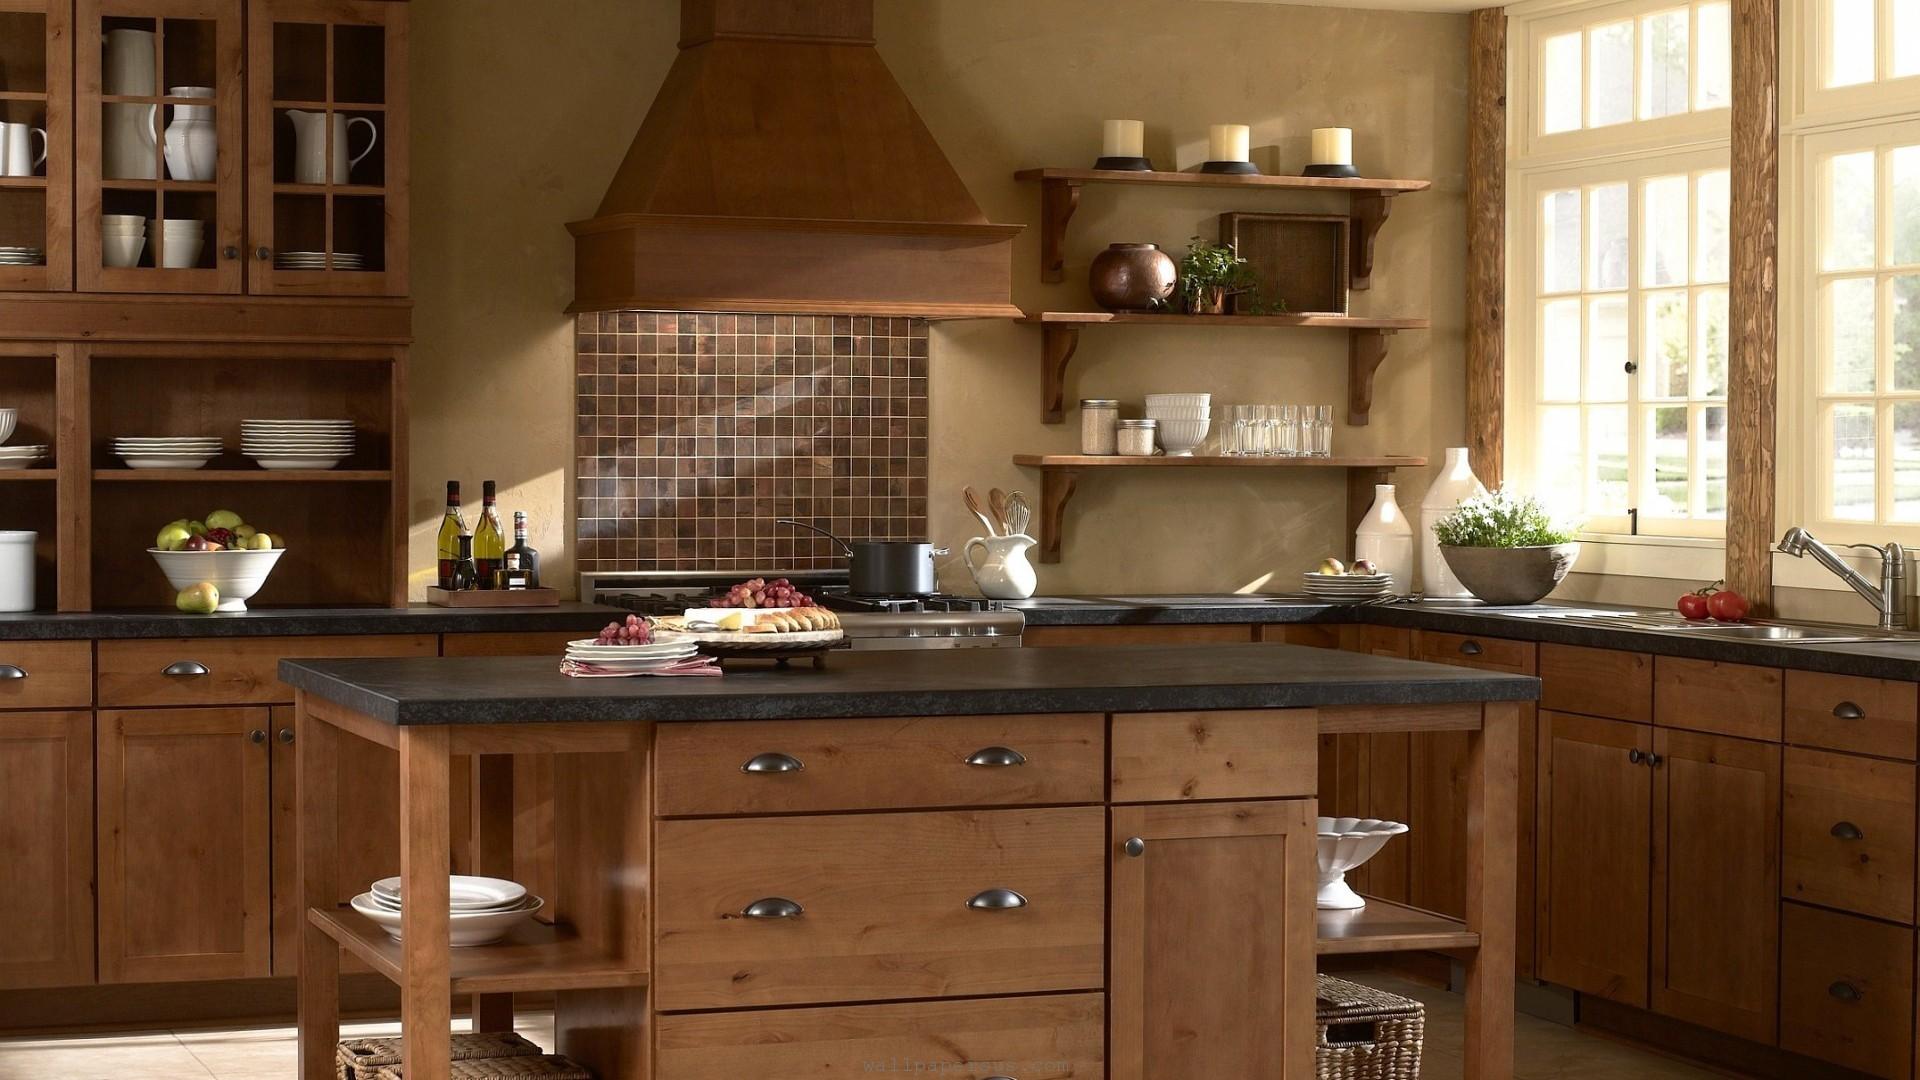 Design By Style Kitchen Designs Tagged As Kitchen Interior Design 1920x1080